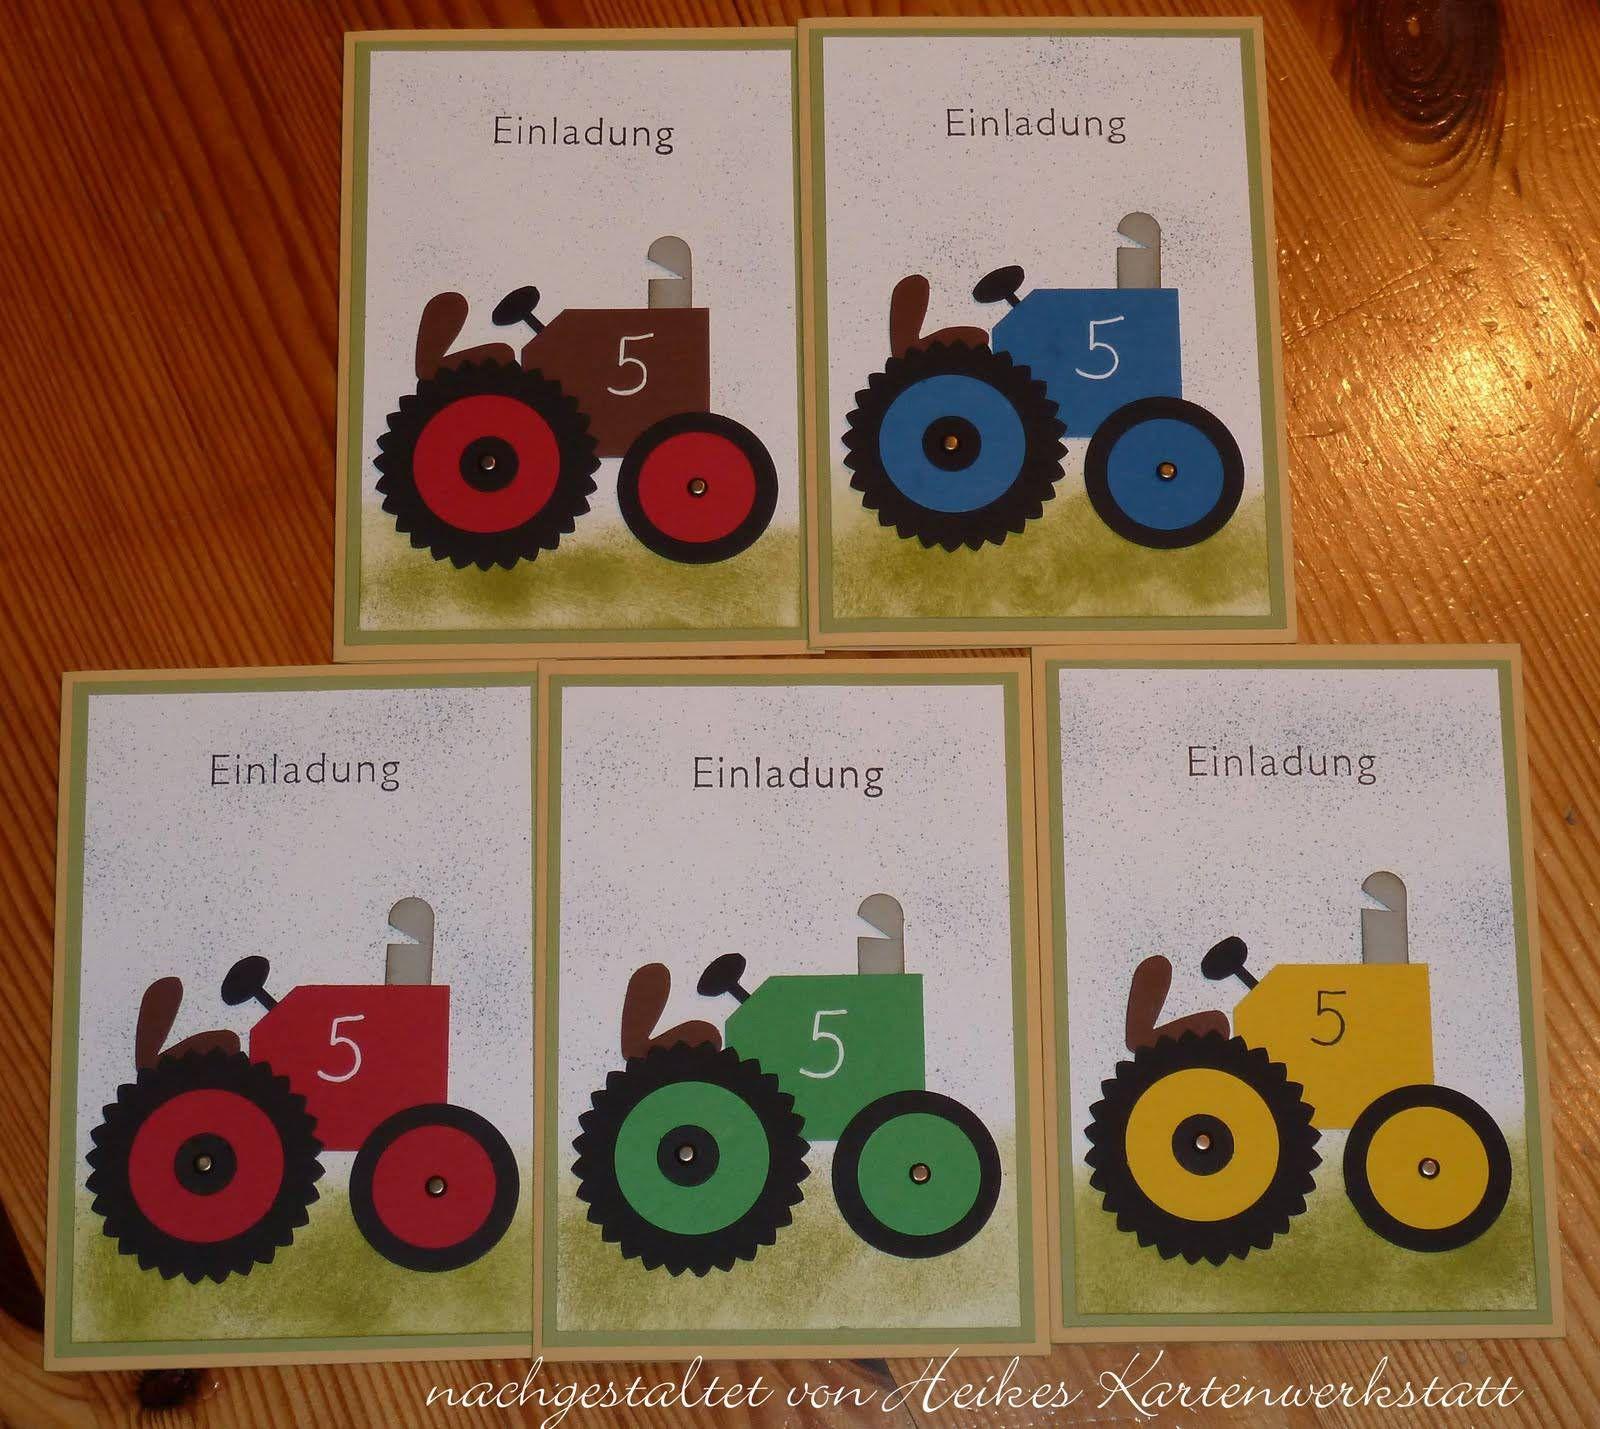 Einladungskarten Kindergeburtstag : Einladungskarten Kindergeburtstag  Selber Machen   Kindergeburtstag Einladung   Kindergeburtstag Einladung